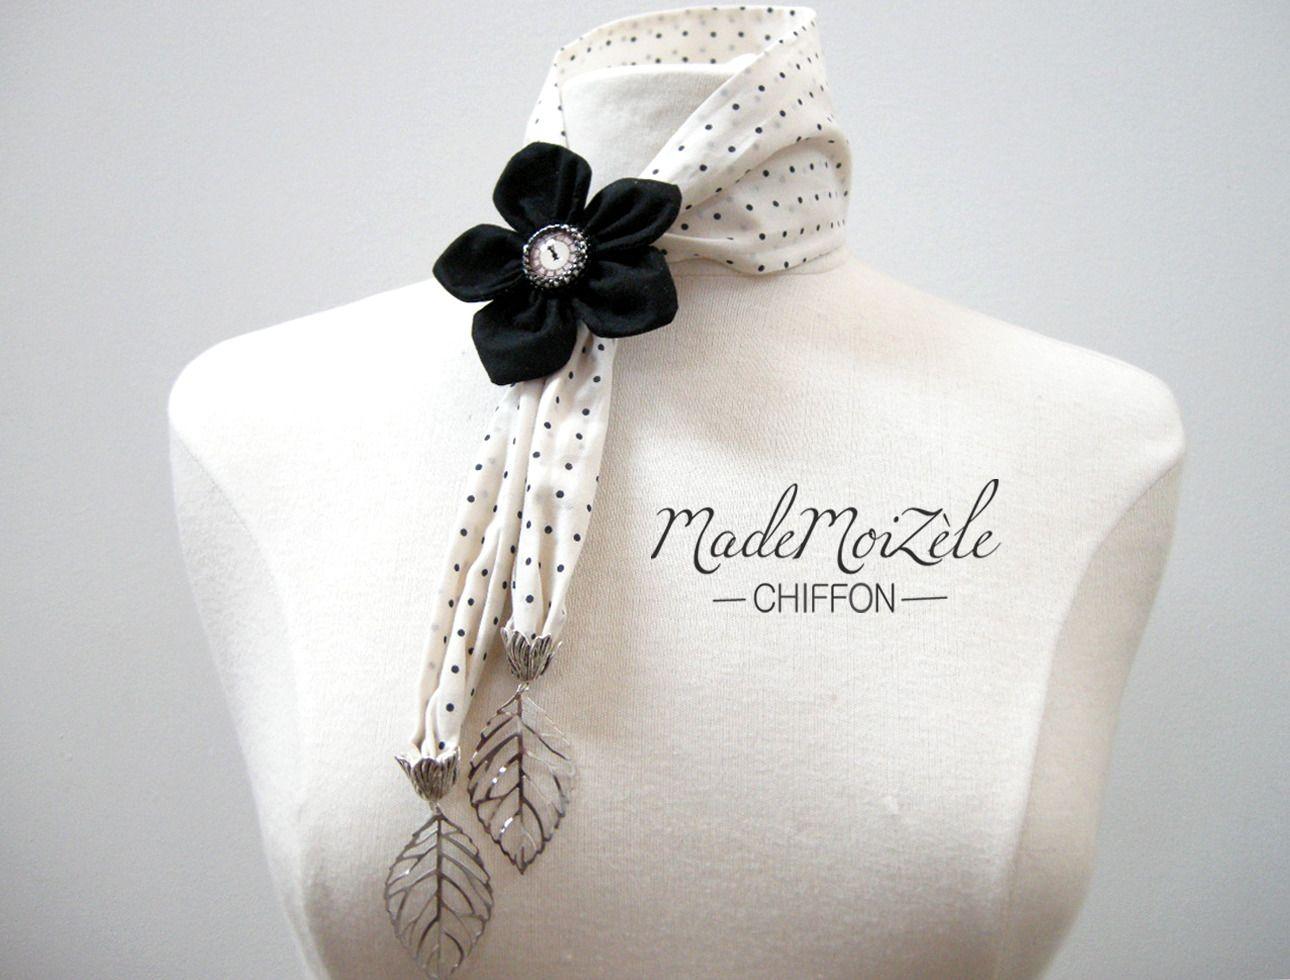 foulard col lavallière collier bijou tissus fleur écru, pois, noir,  cabochon horloge, breloque feuille argenté   Echarpe, foulard, cravate par  mademoizele- ... 0de75e0d6b3